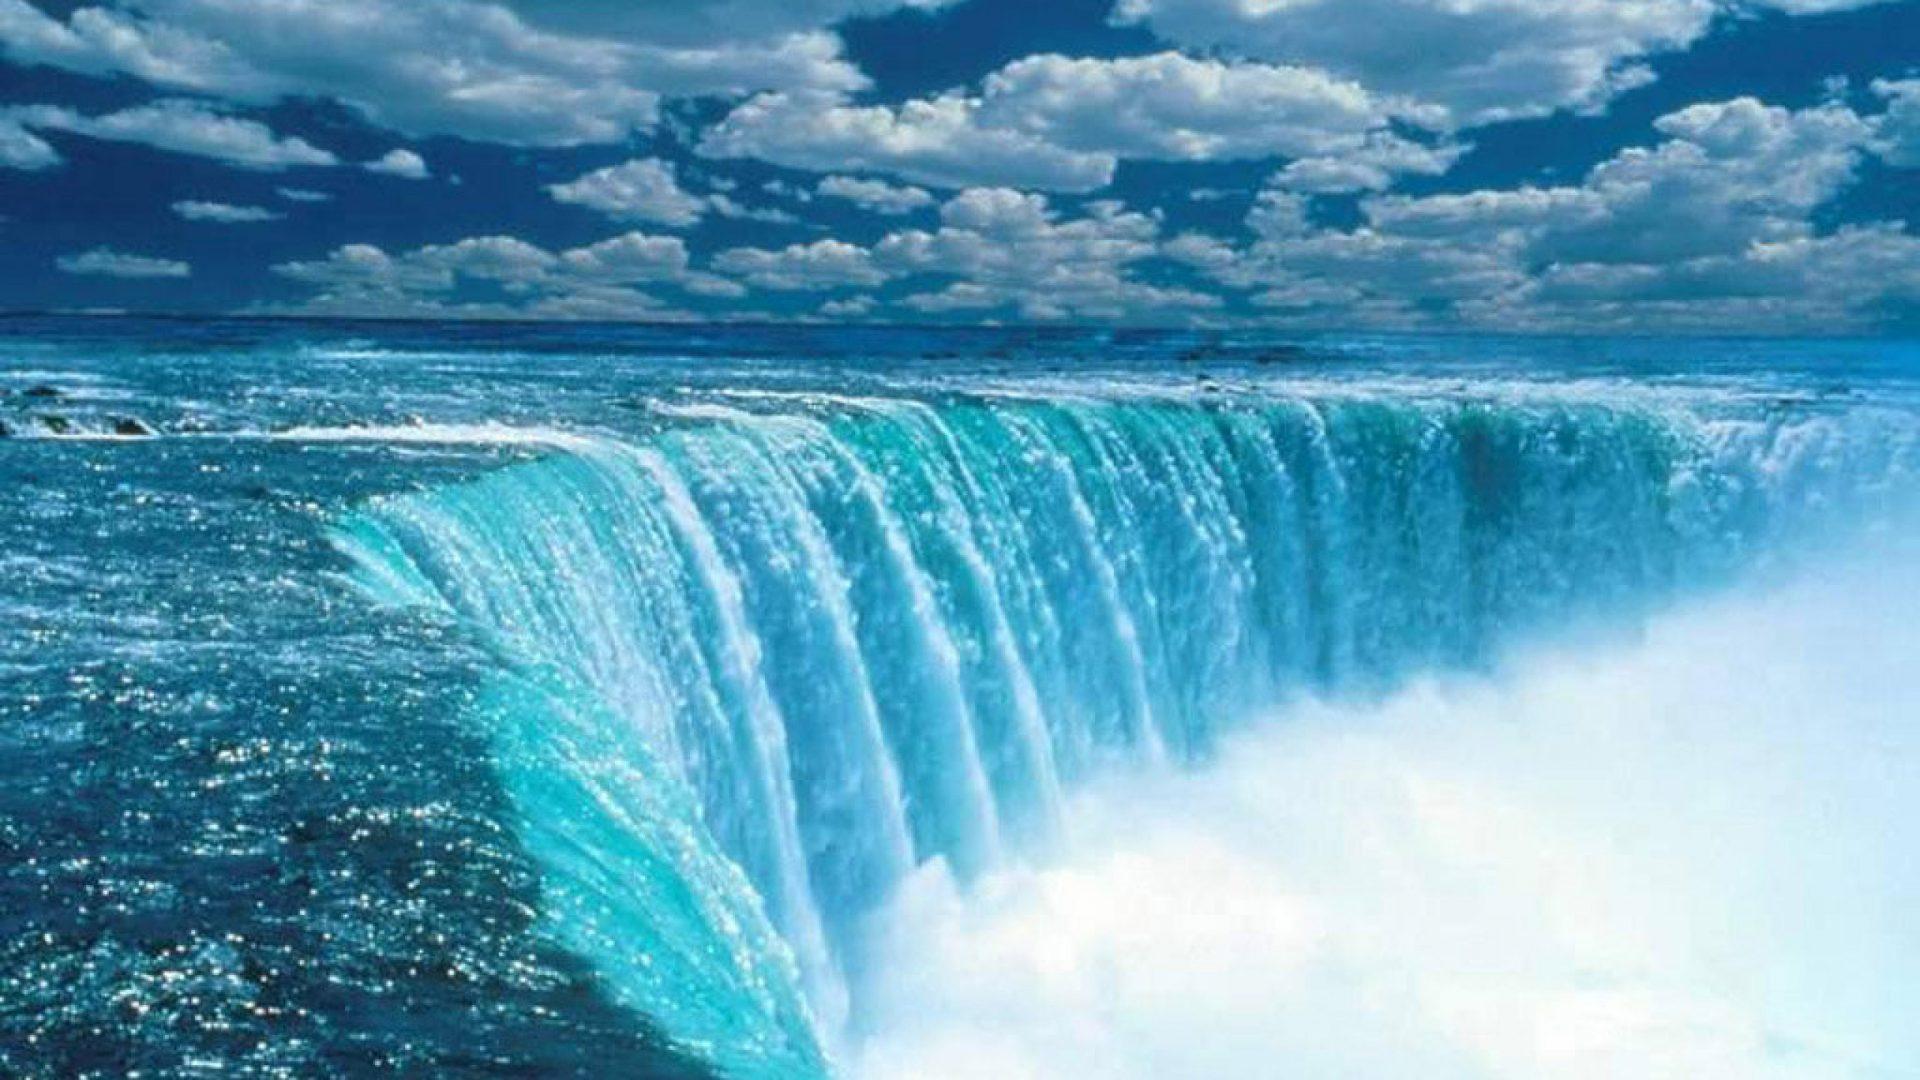 Niagara Falls Full Hd Wallpaper Niagara Falls Photo 2560x1440 Full Hd Wall